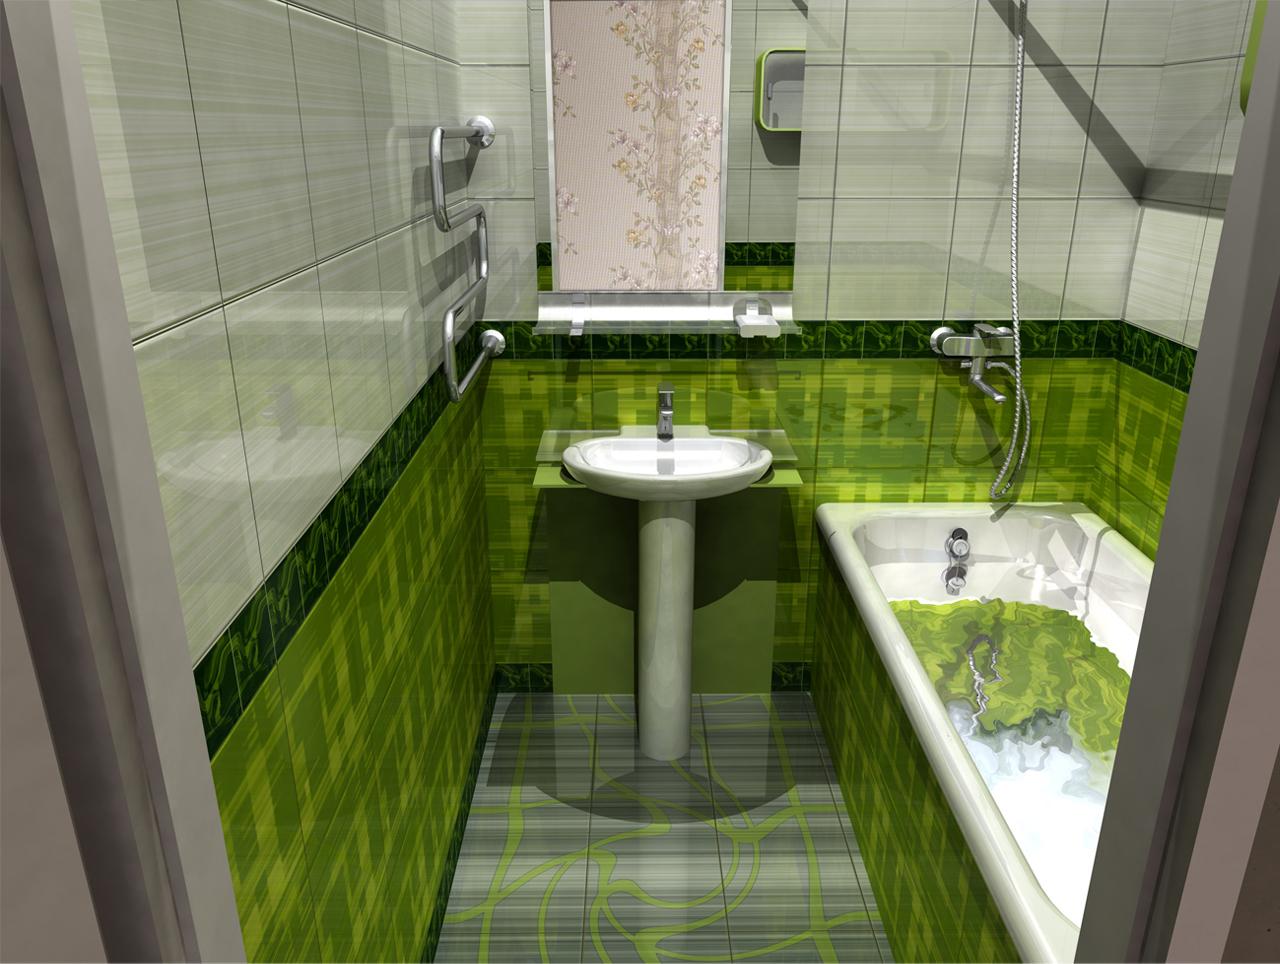 Интерьеры ванной маленьких размеров фото без туалета